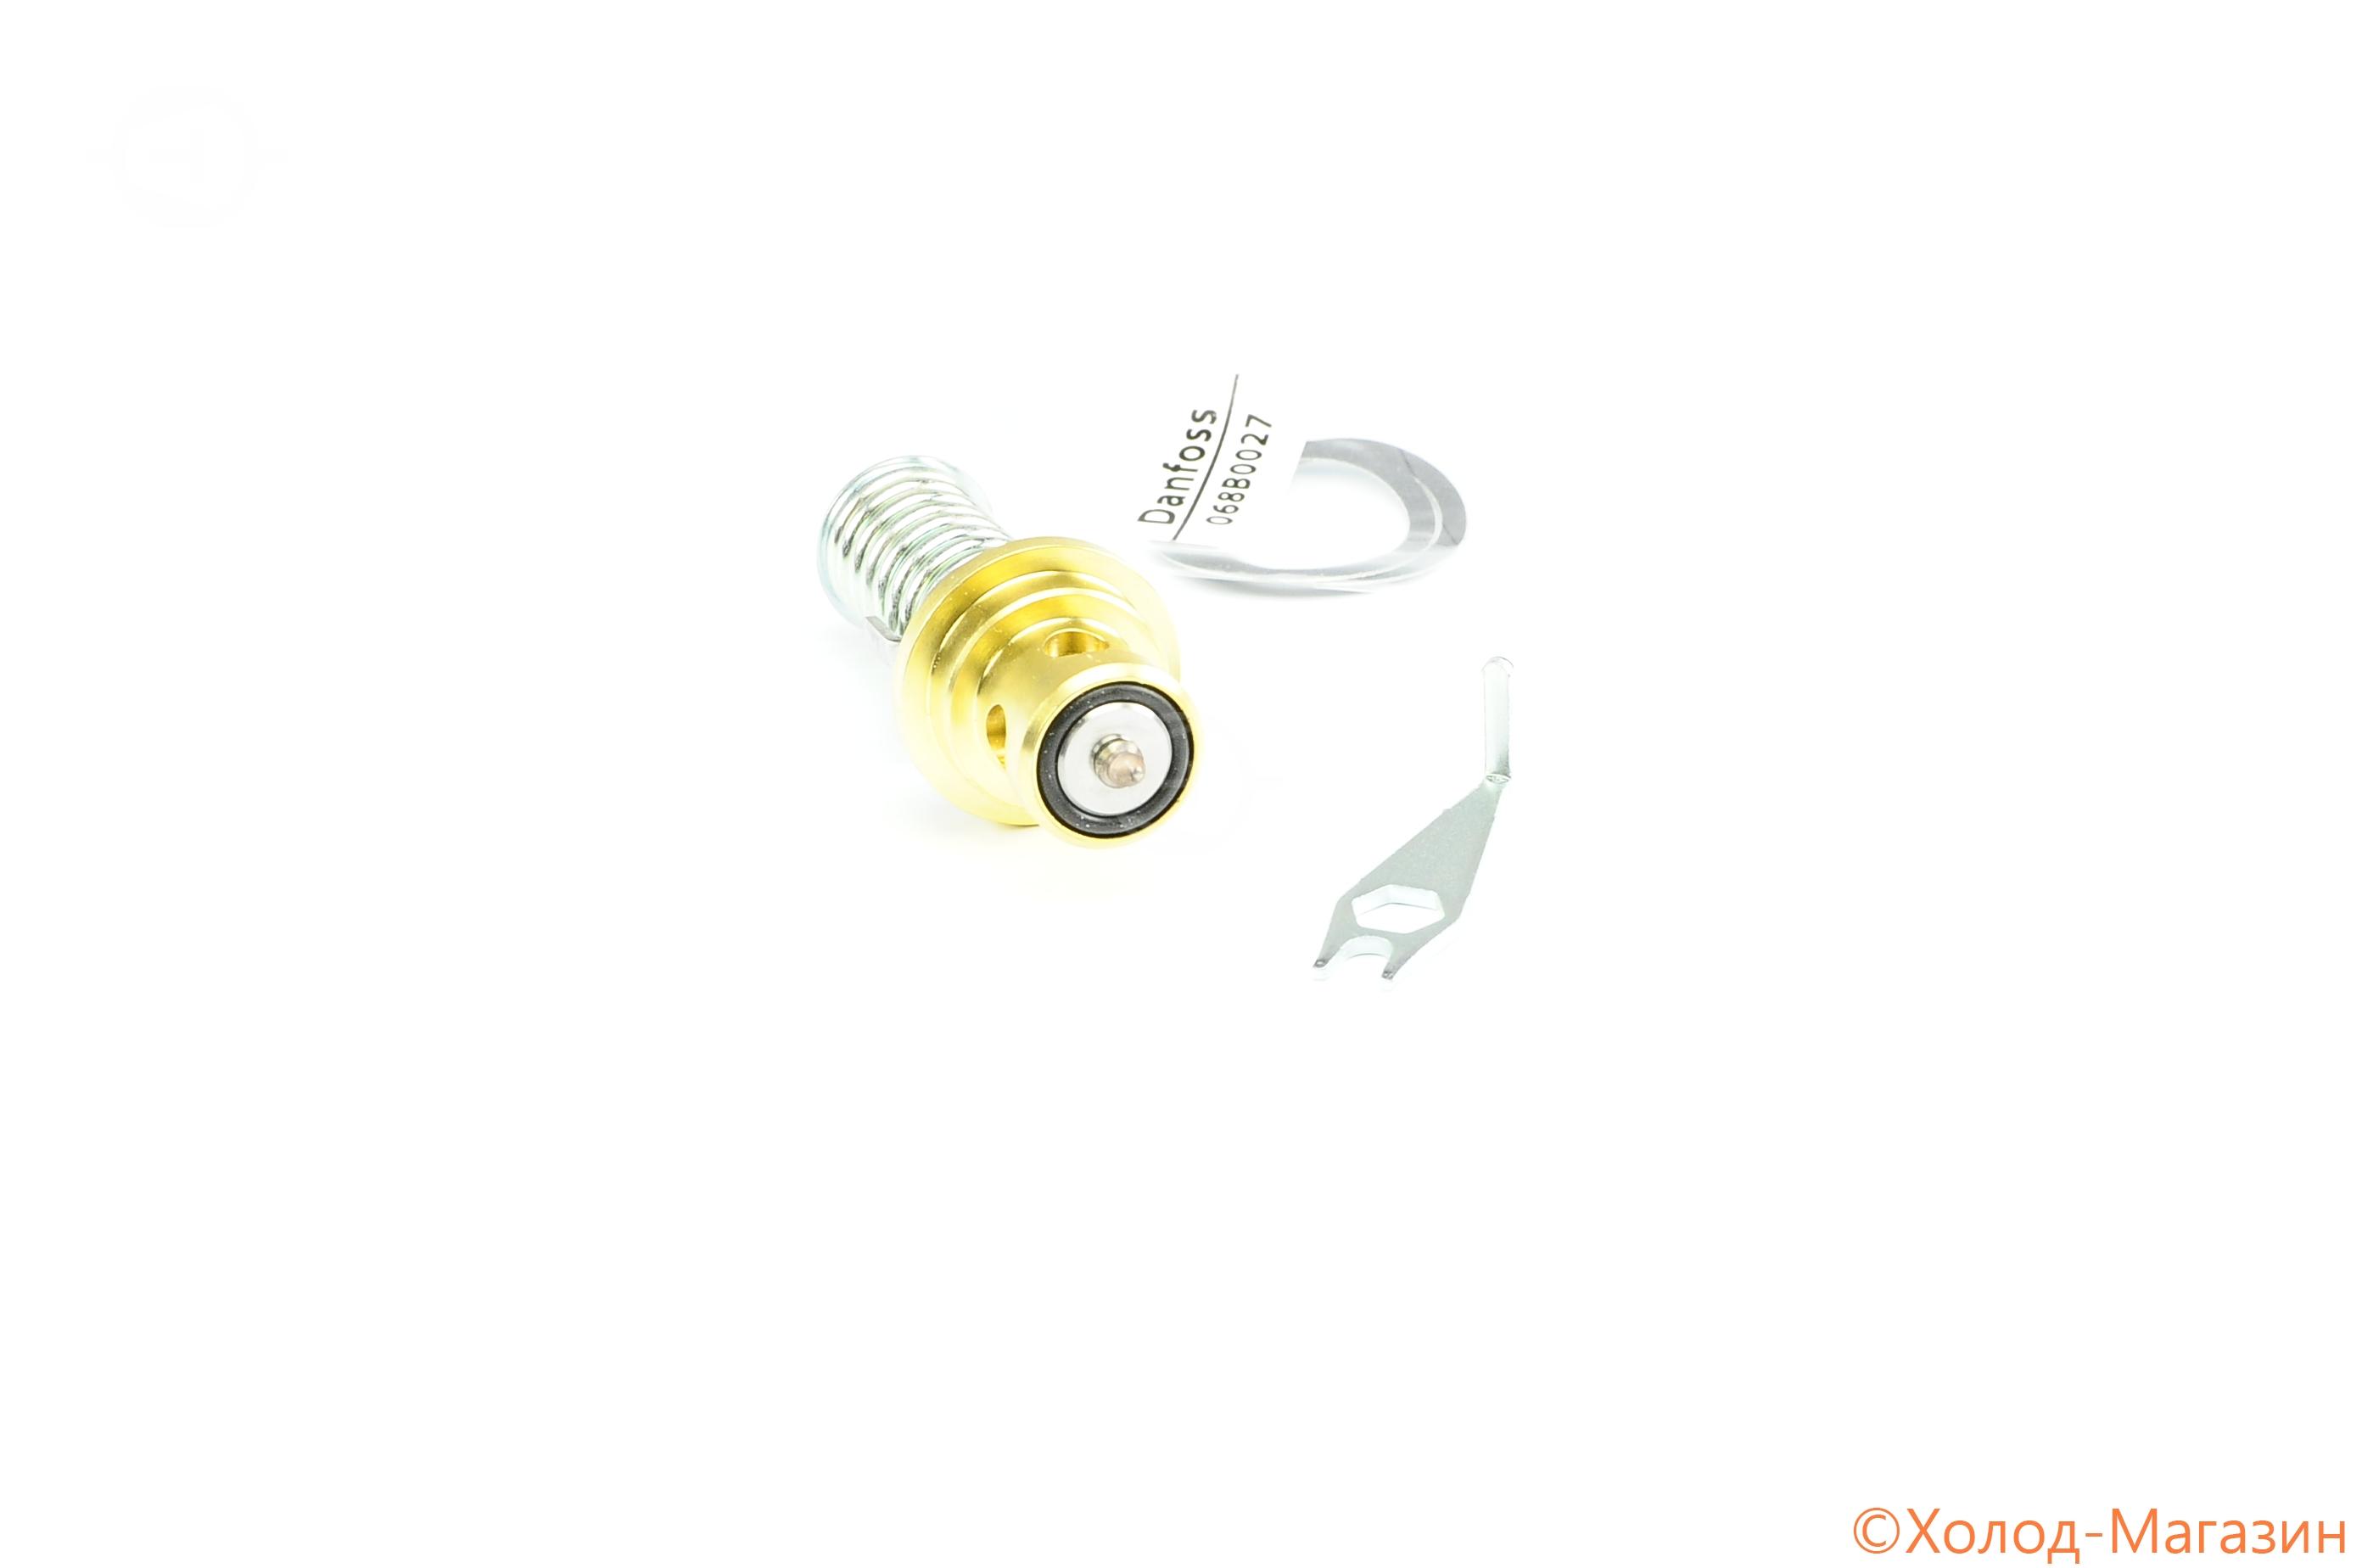 Узел клапанный № 1 (TE 5), Danfoss